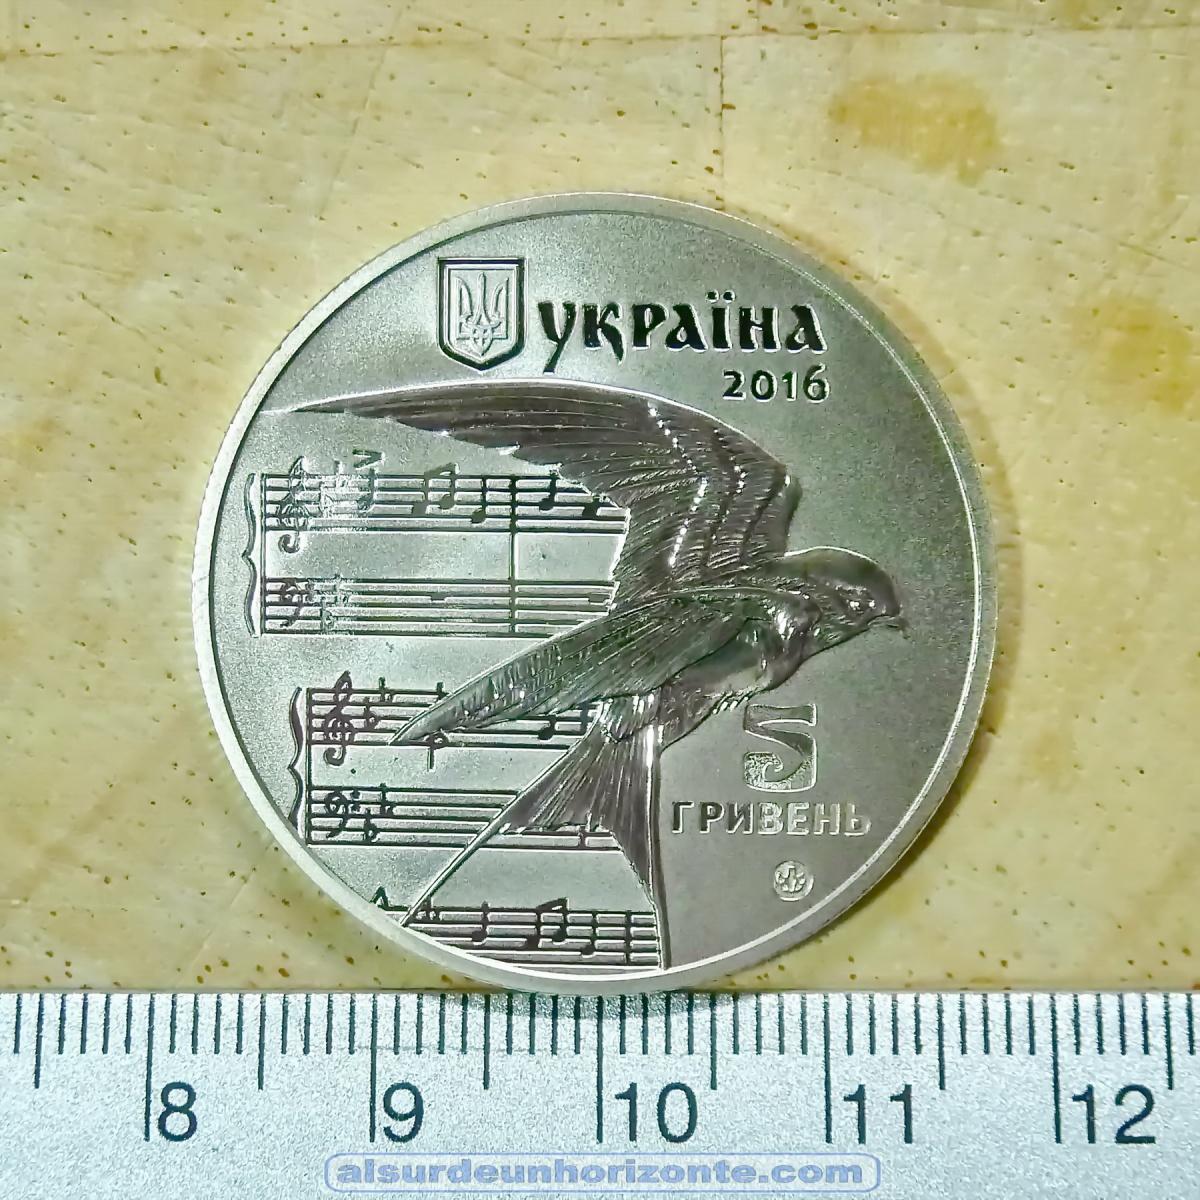 Ucrania. Moneda del centenario del villancico Shchedryk o Carol of the bells